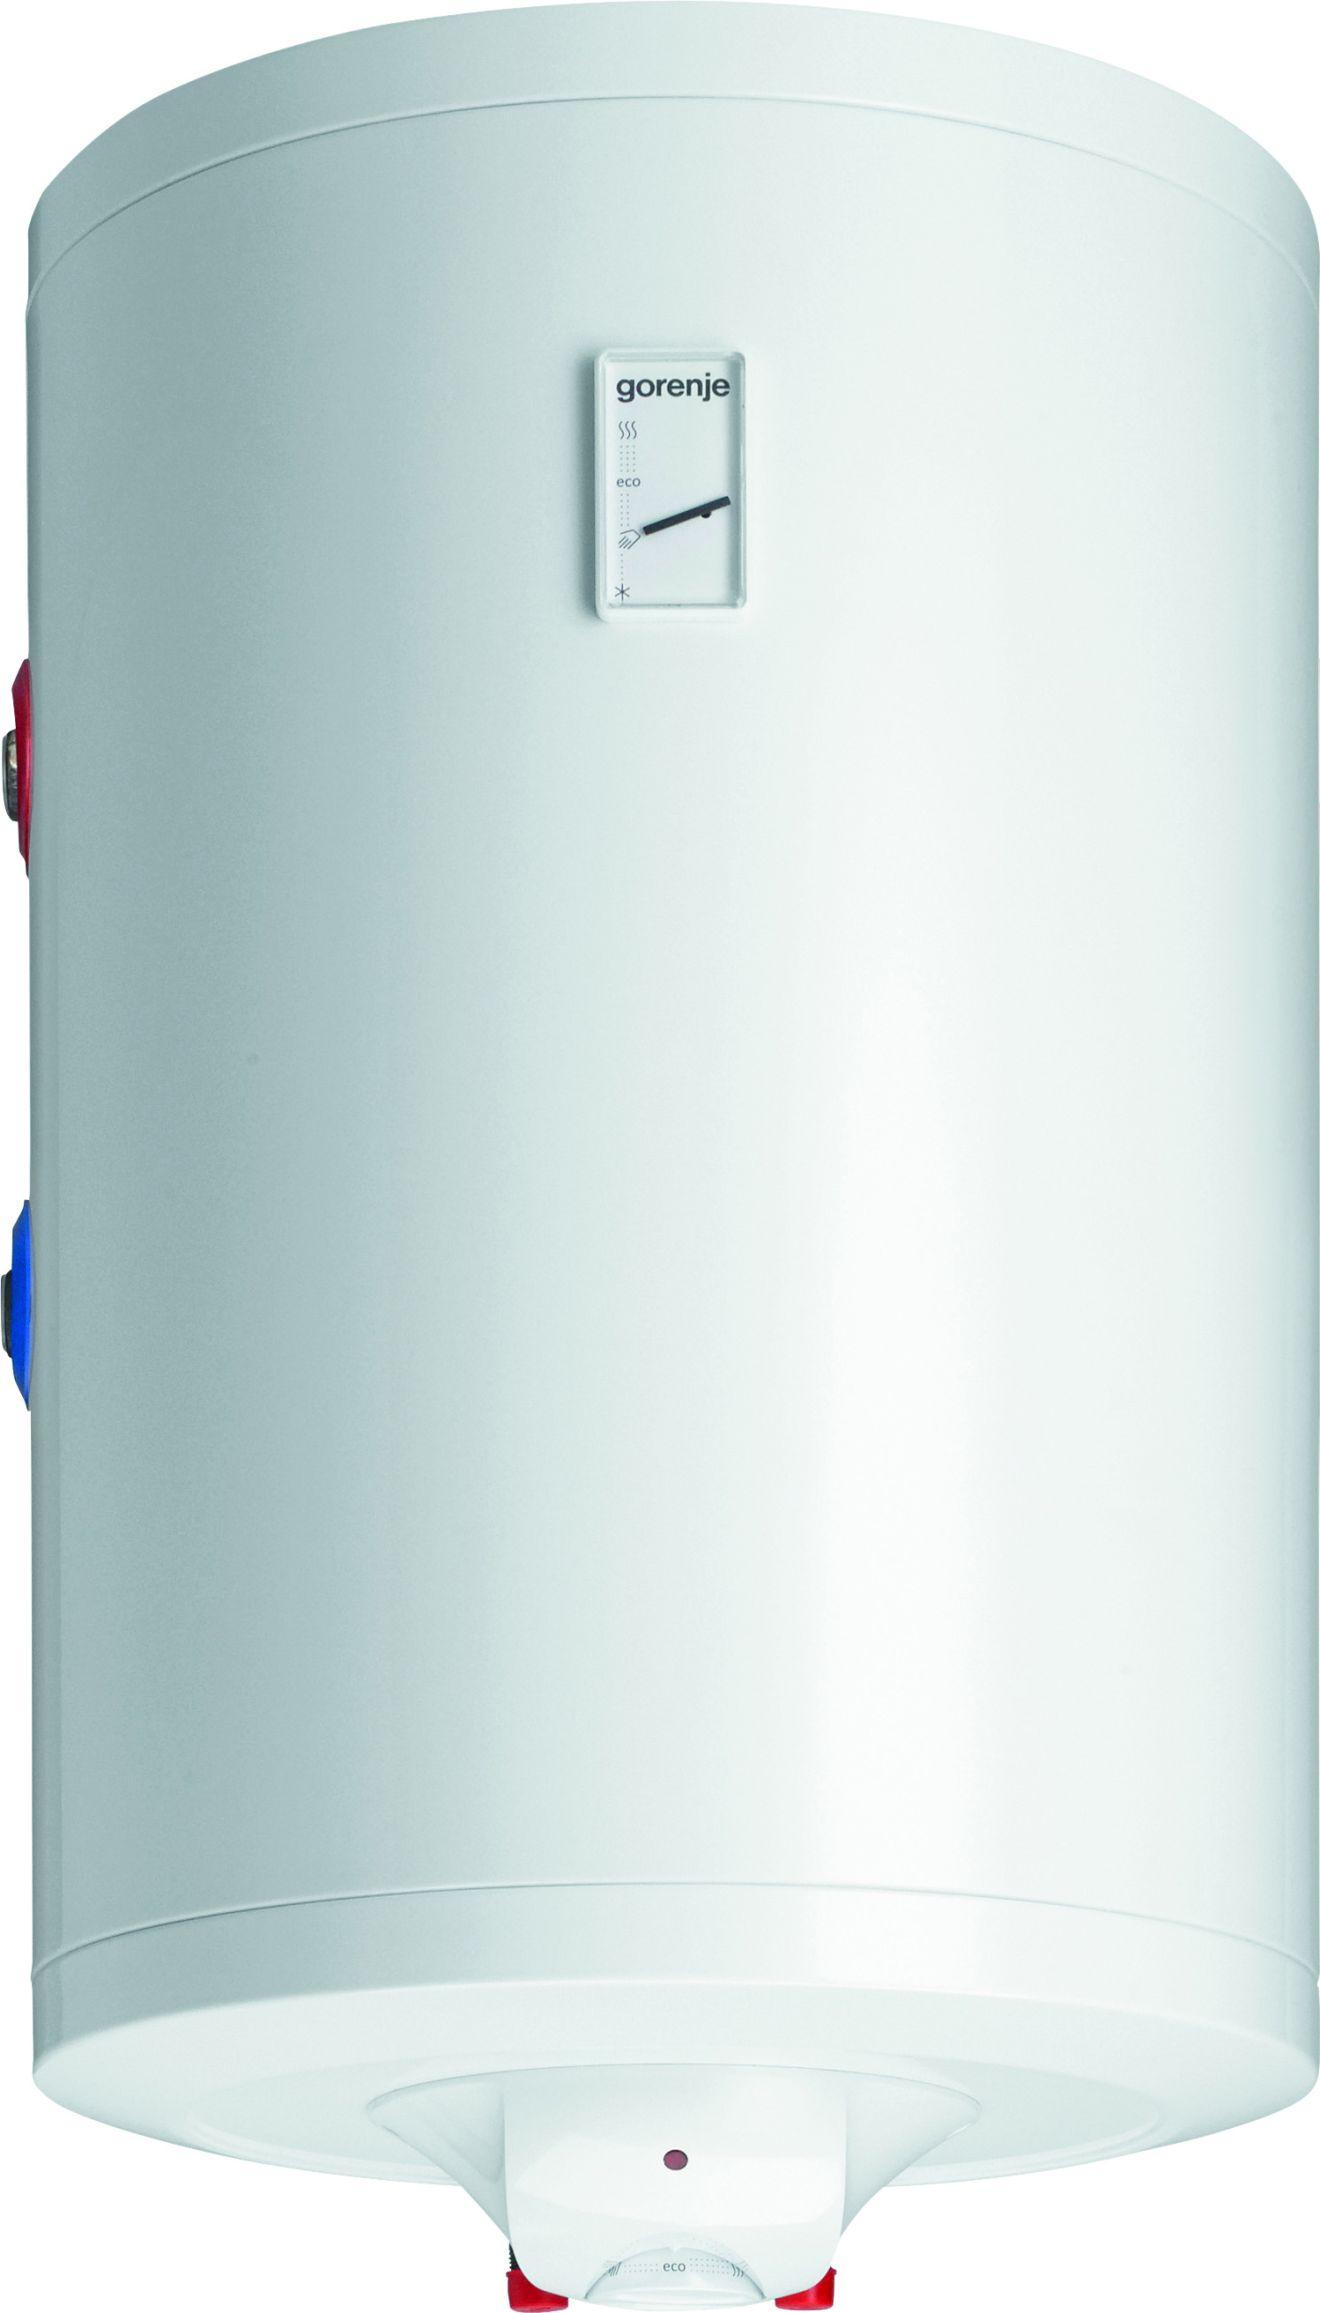 Водонагреватель косвенного нагрева Gorenje TGRK200LNGB6 комбинированный (теплообменник + ТЭН)